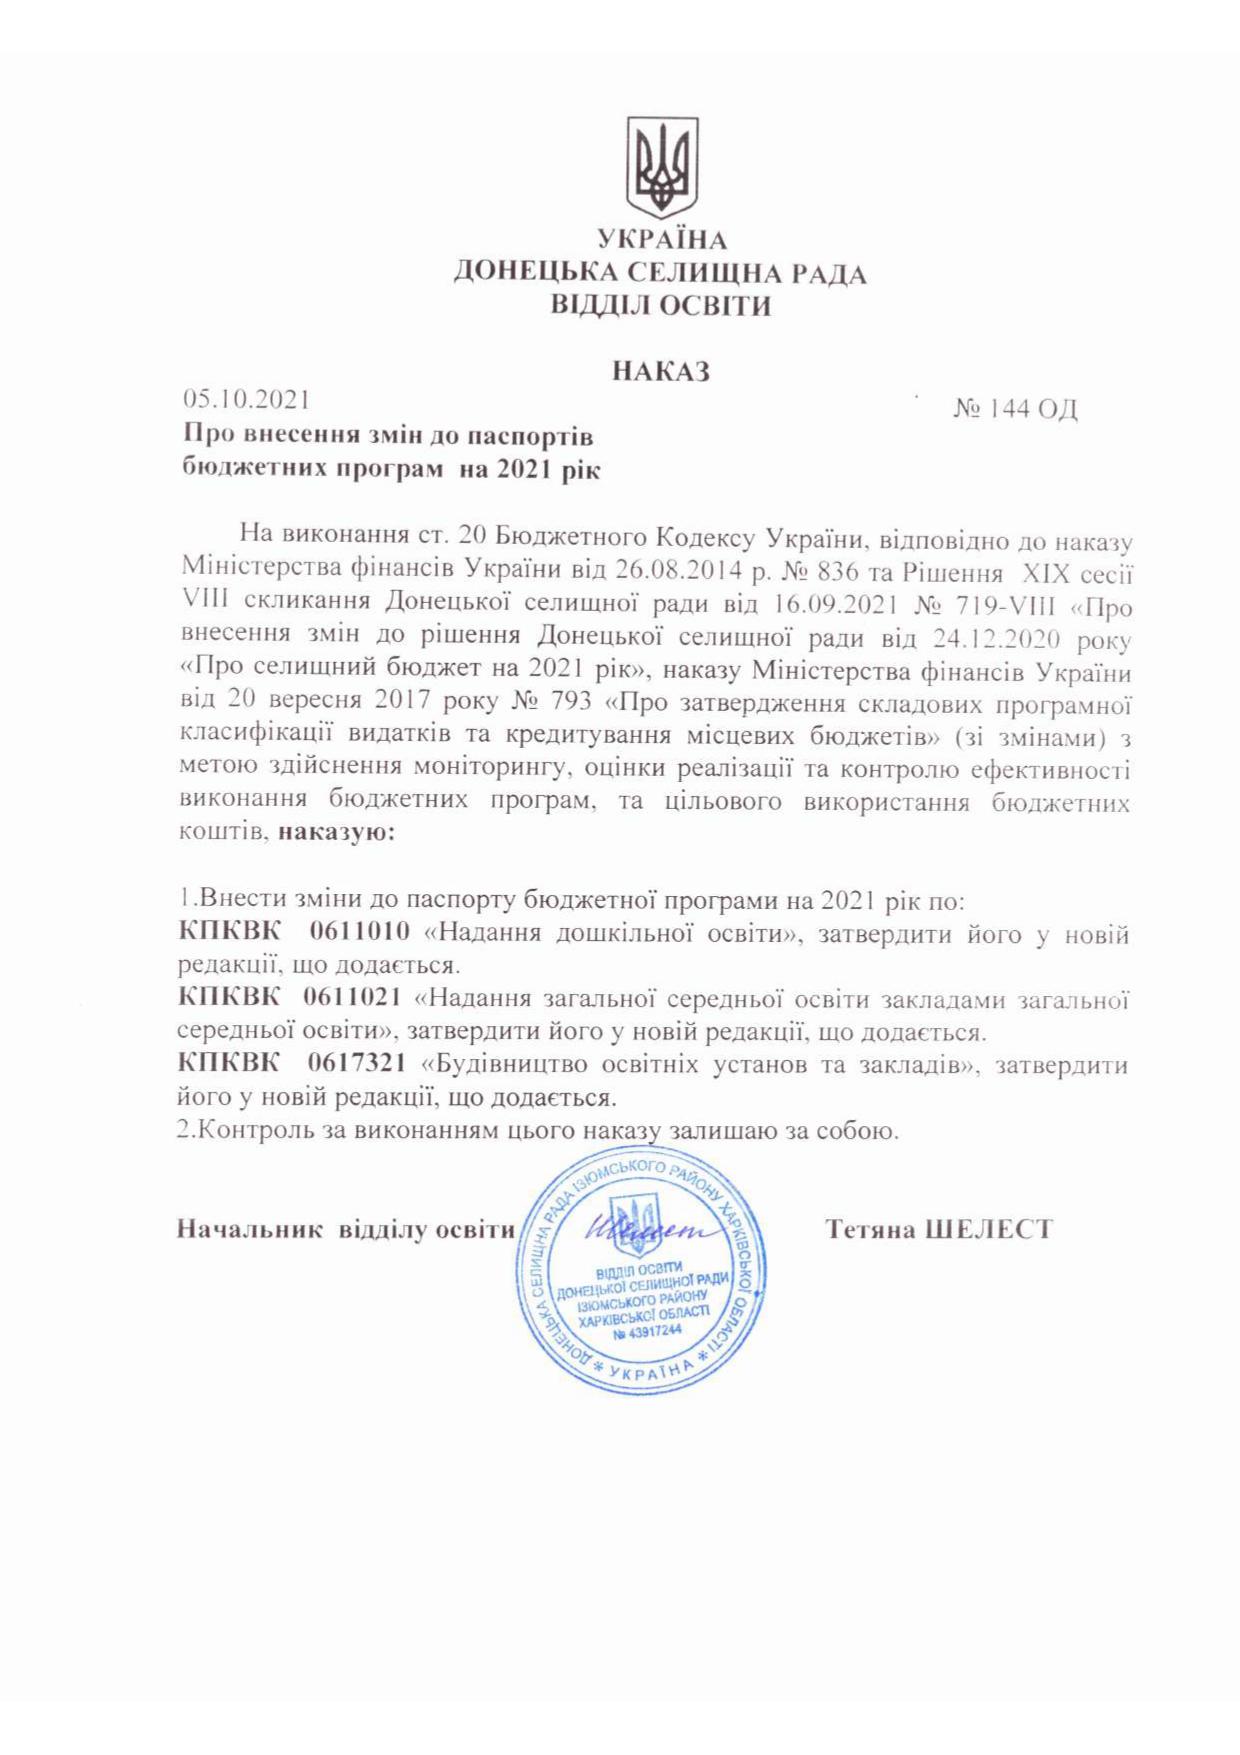 Наказ №144-ОД від 05.10.2021р. Про внесення змін до паспортів бюджетних програм на 2021 рік